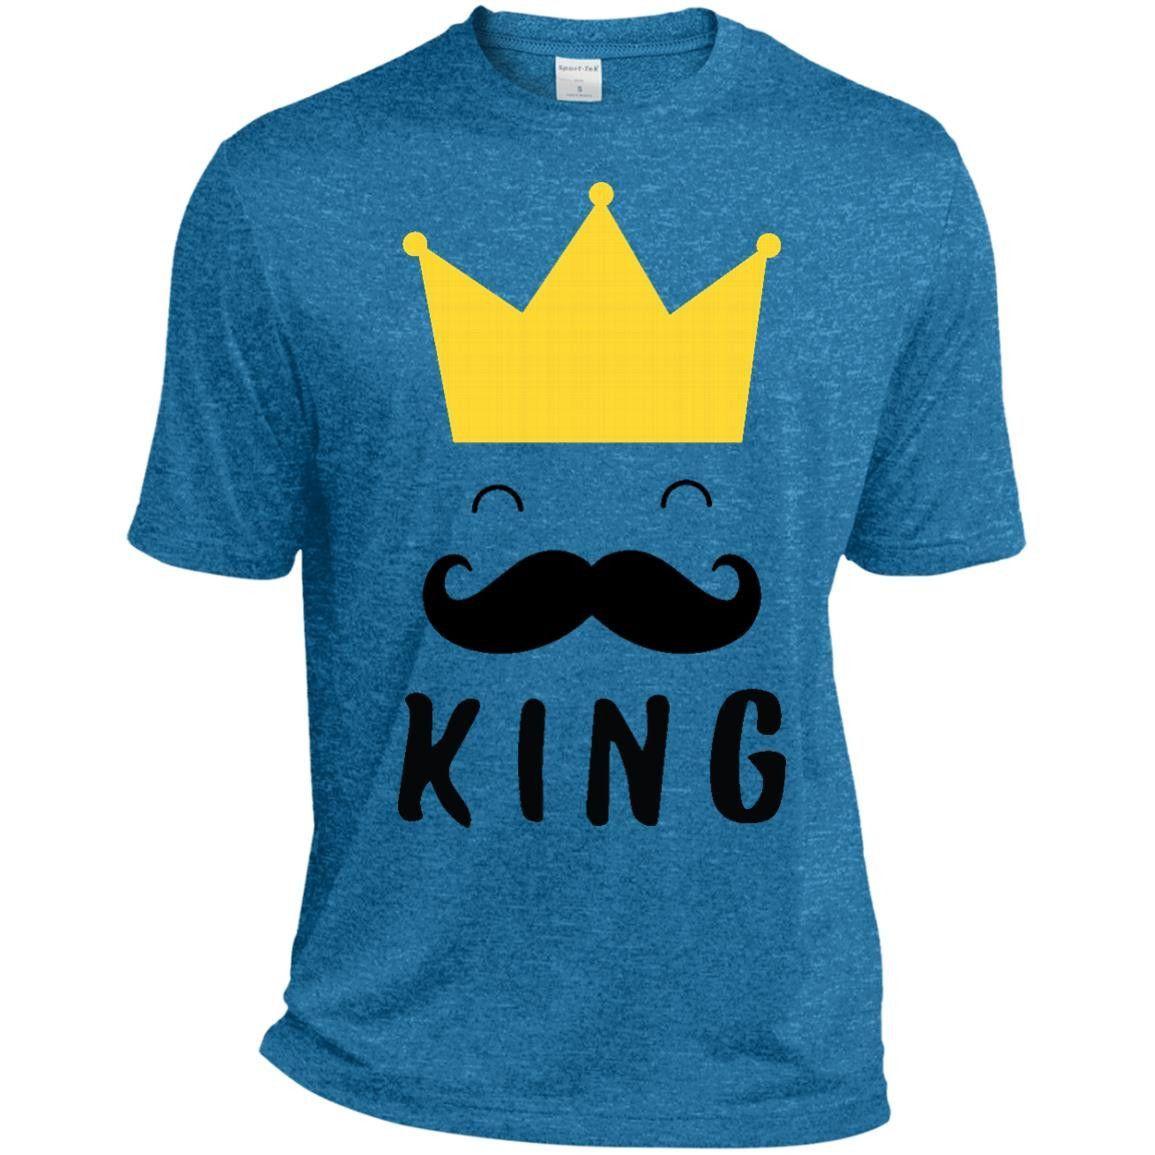 king - daddy my king-01 ST360 Sport-Tek Heather Dri-Fit Moisture-Wicking T-Shirt